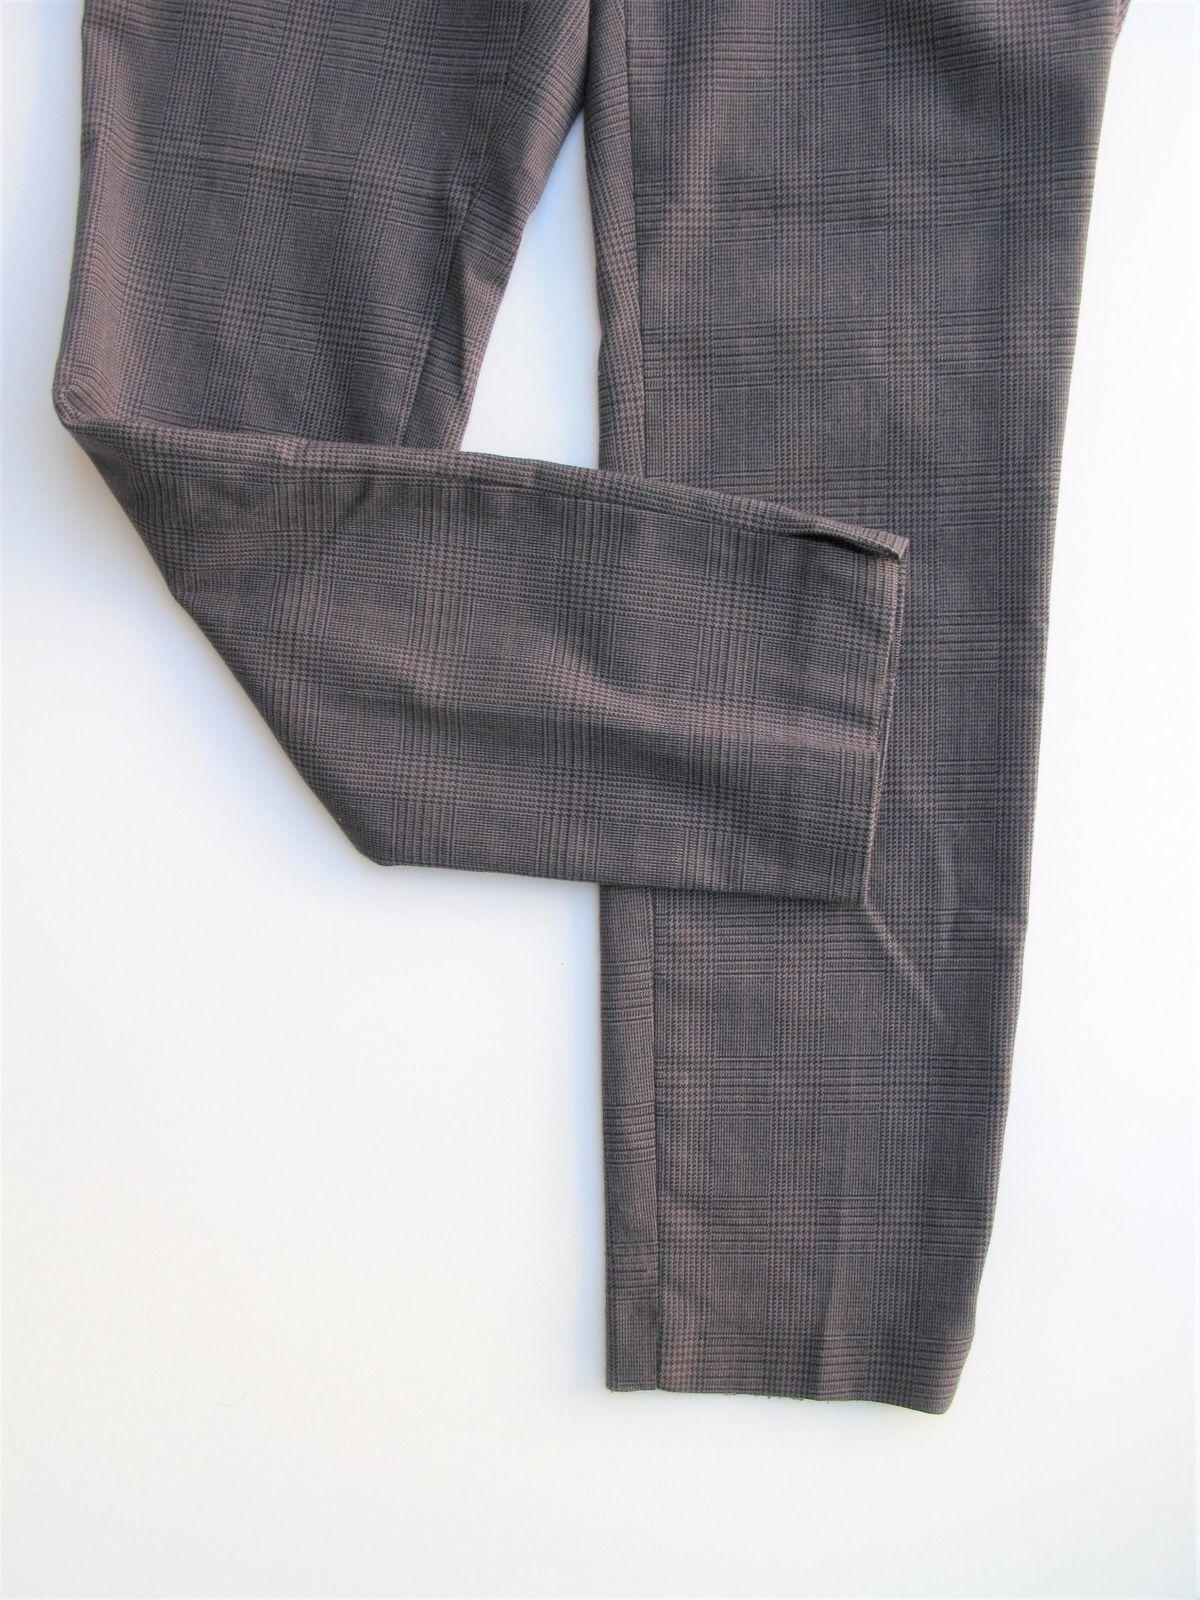 Pants Ankle Pants British Khaki Slim Crop Plaid Ankle Pants Zip Pockets 2 $98